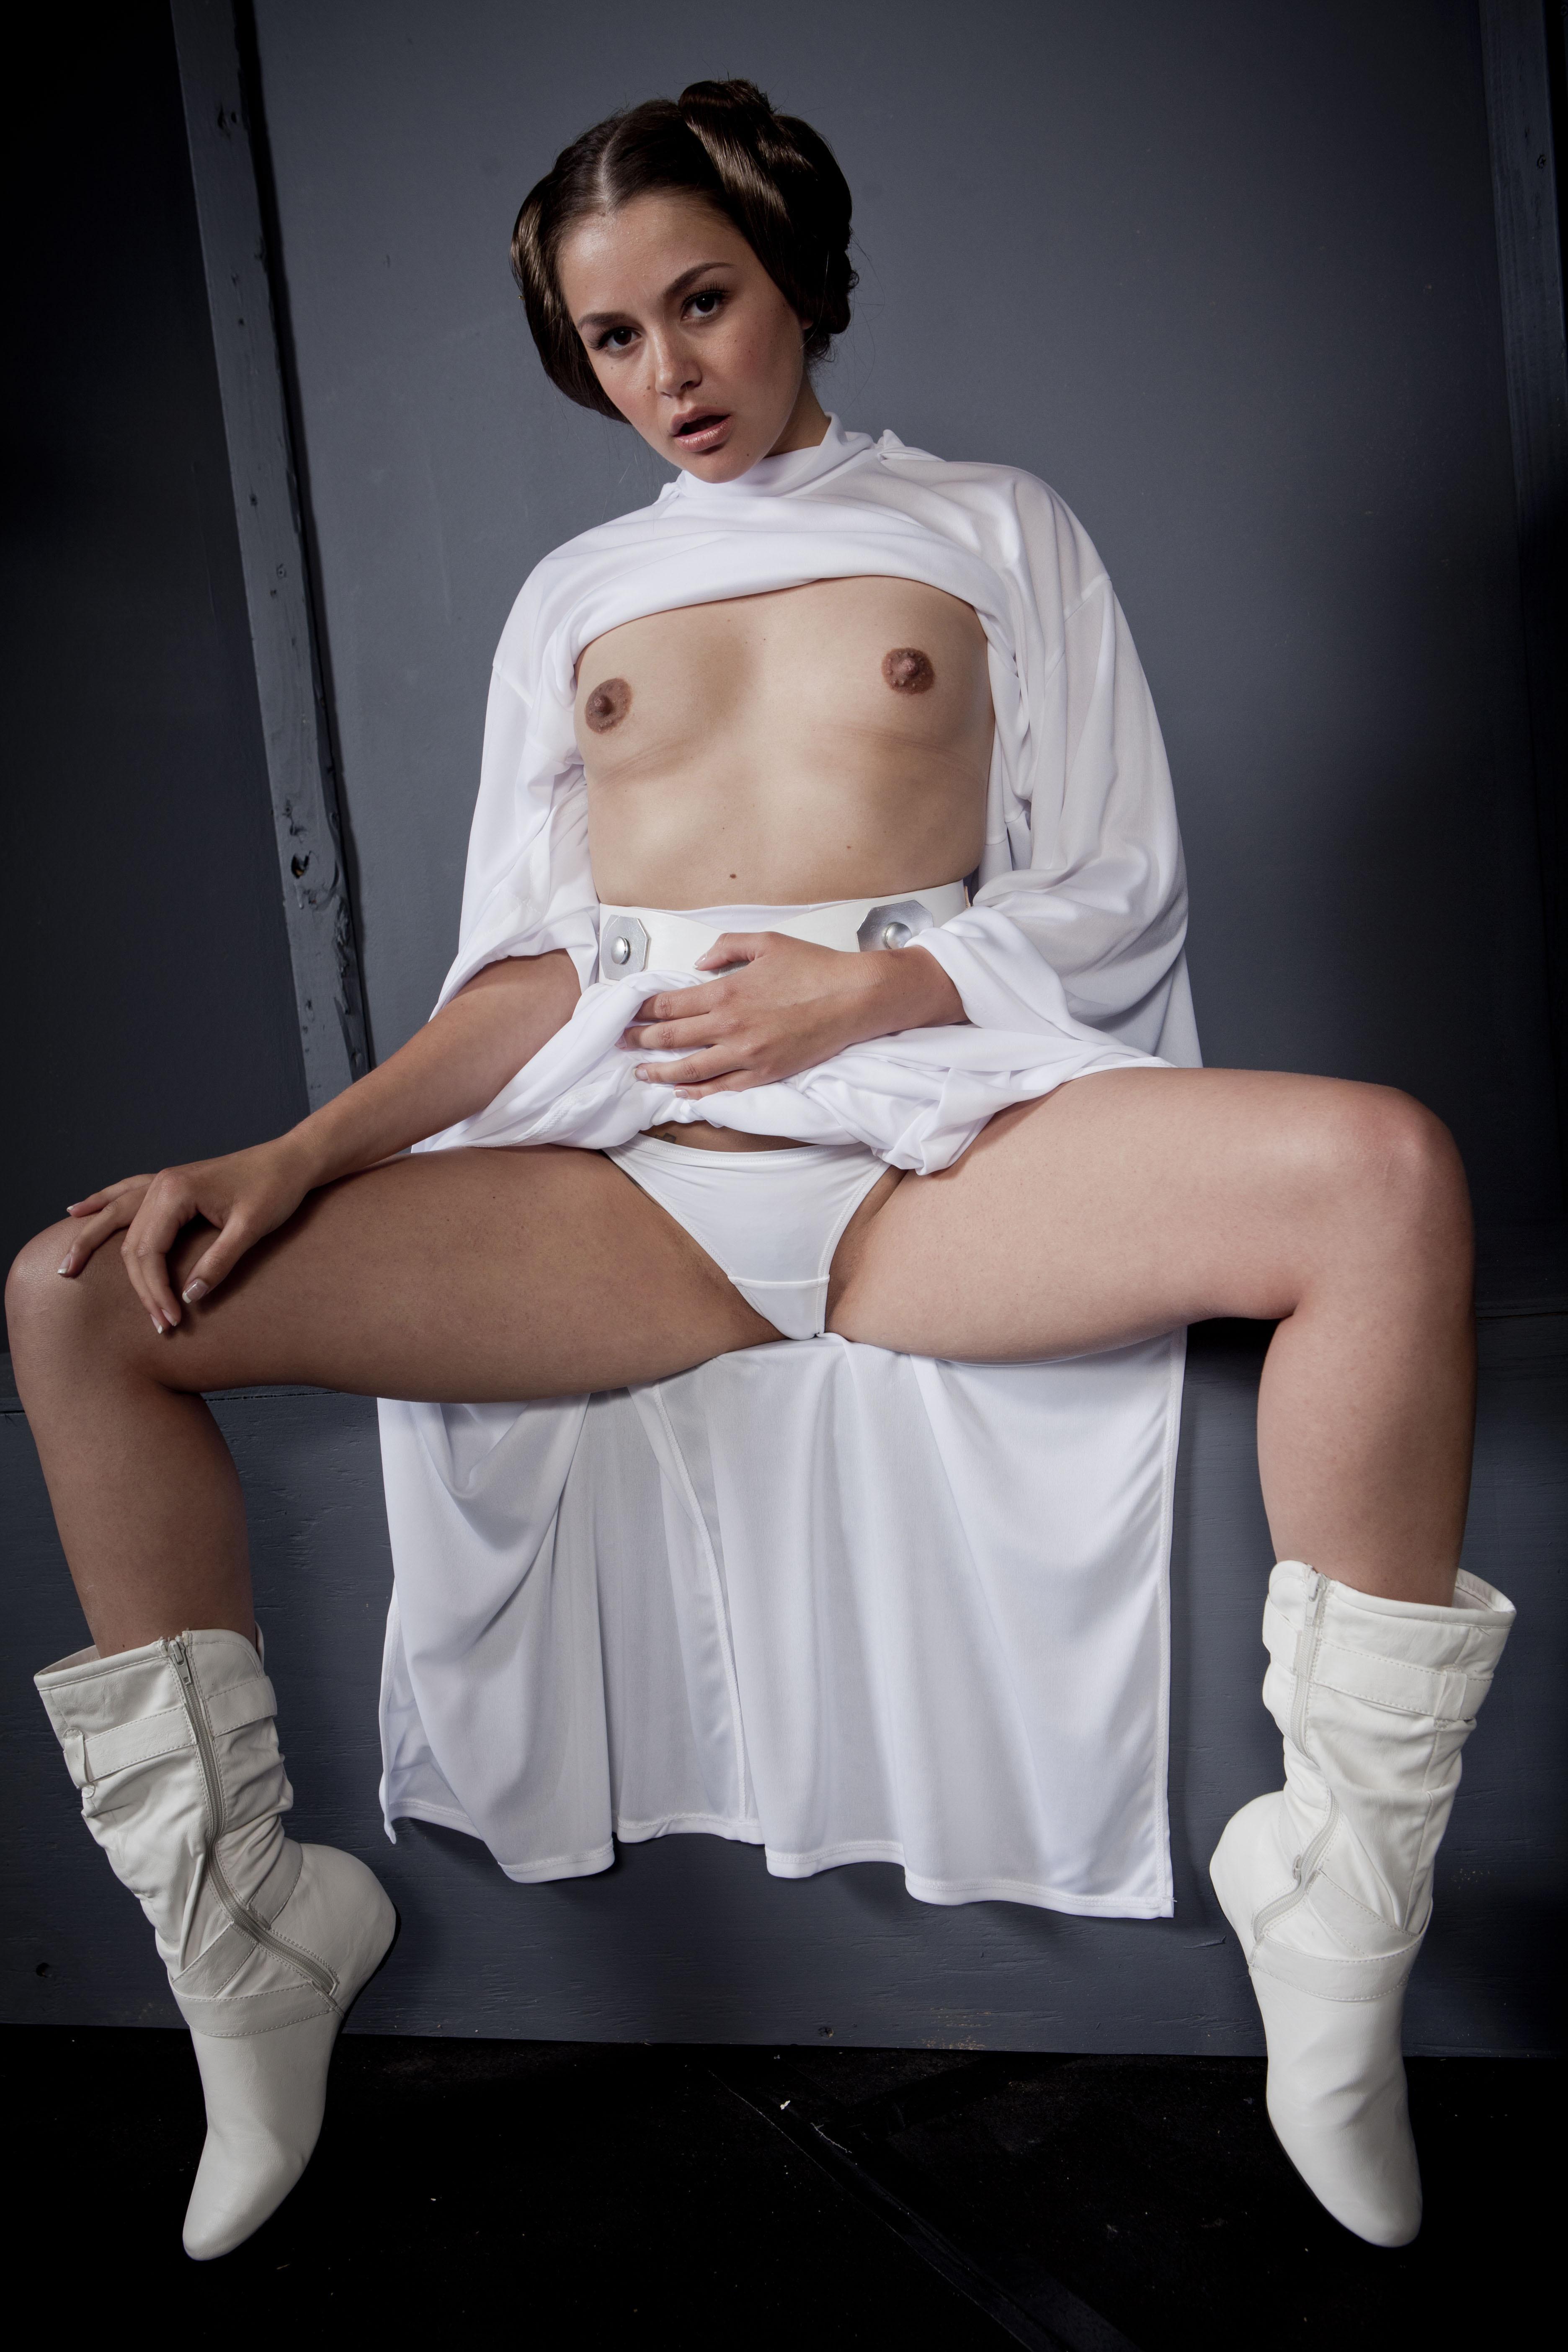 Allie Haze Sex Photos allie haze porn images - megapornx